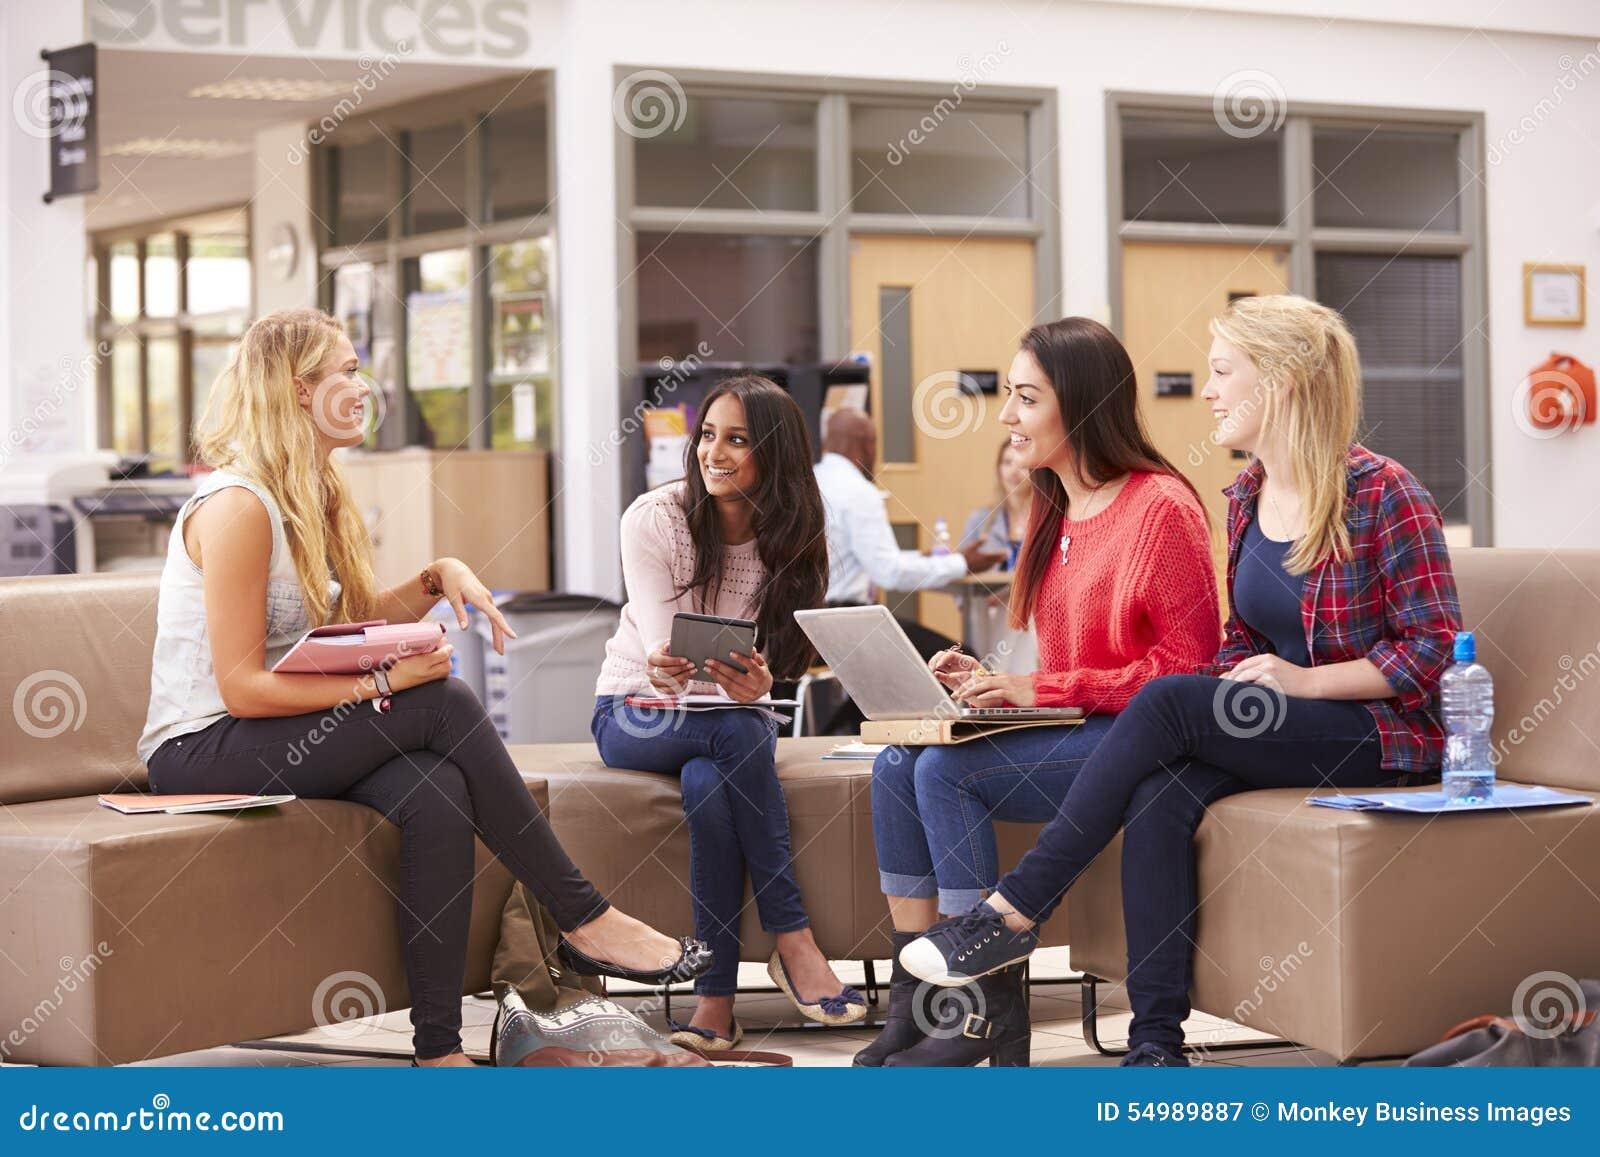 谈话女性的大学生一起坐和